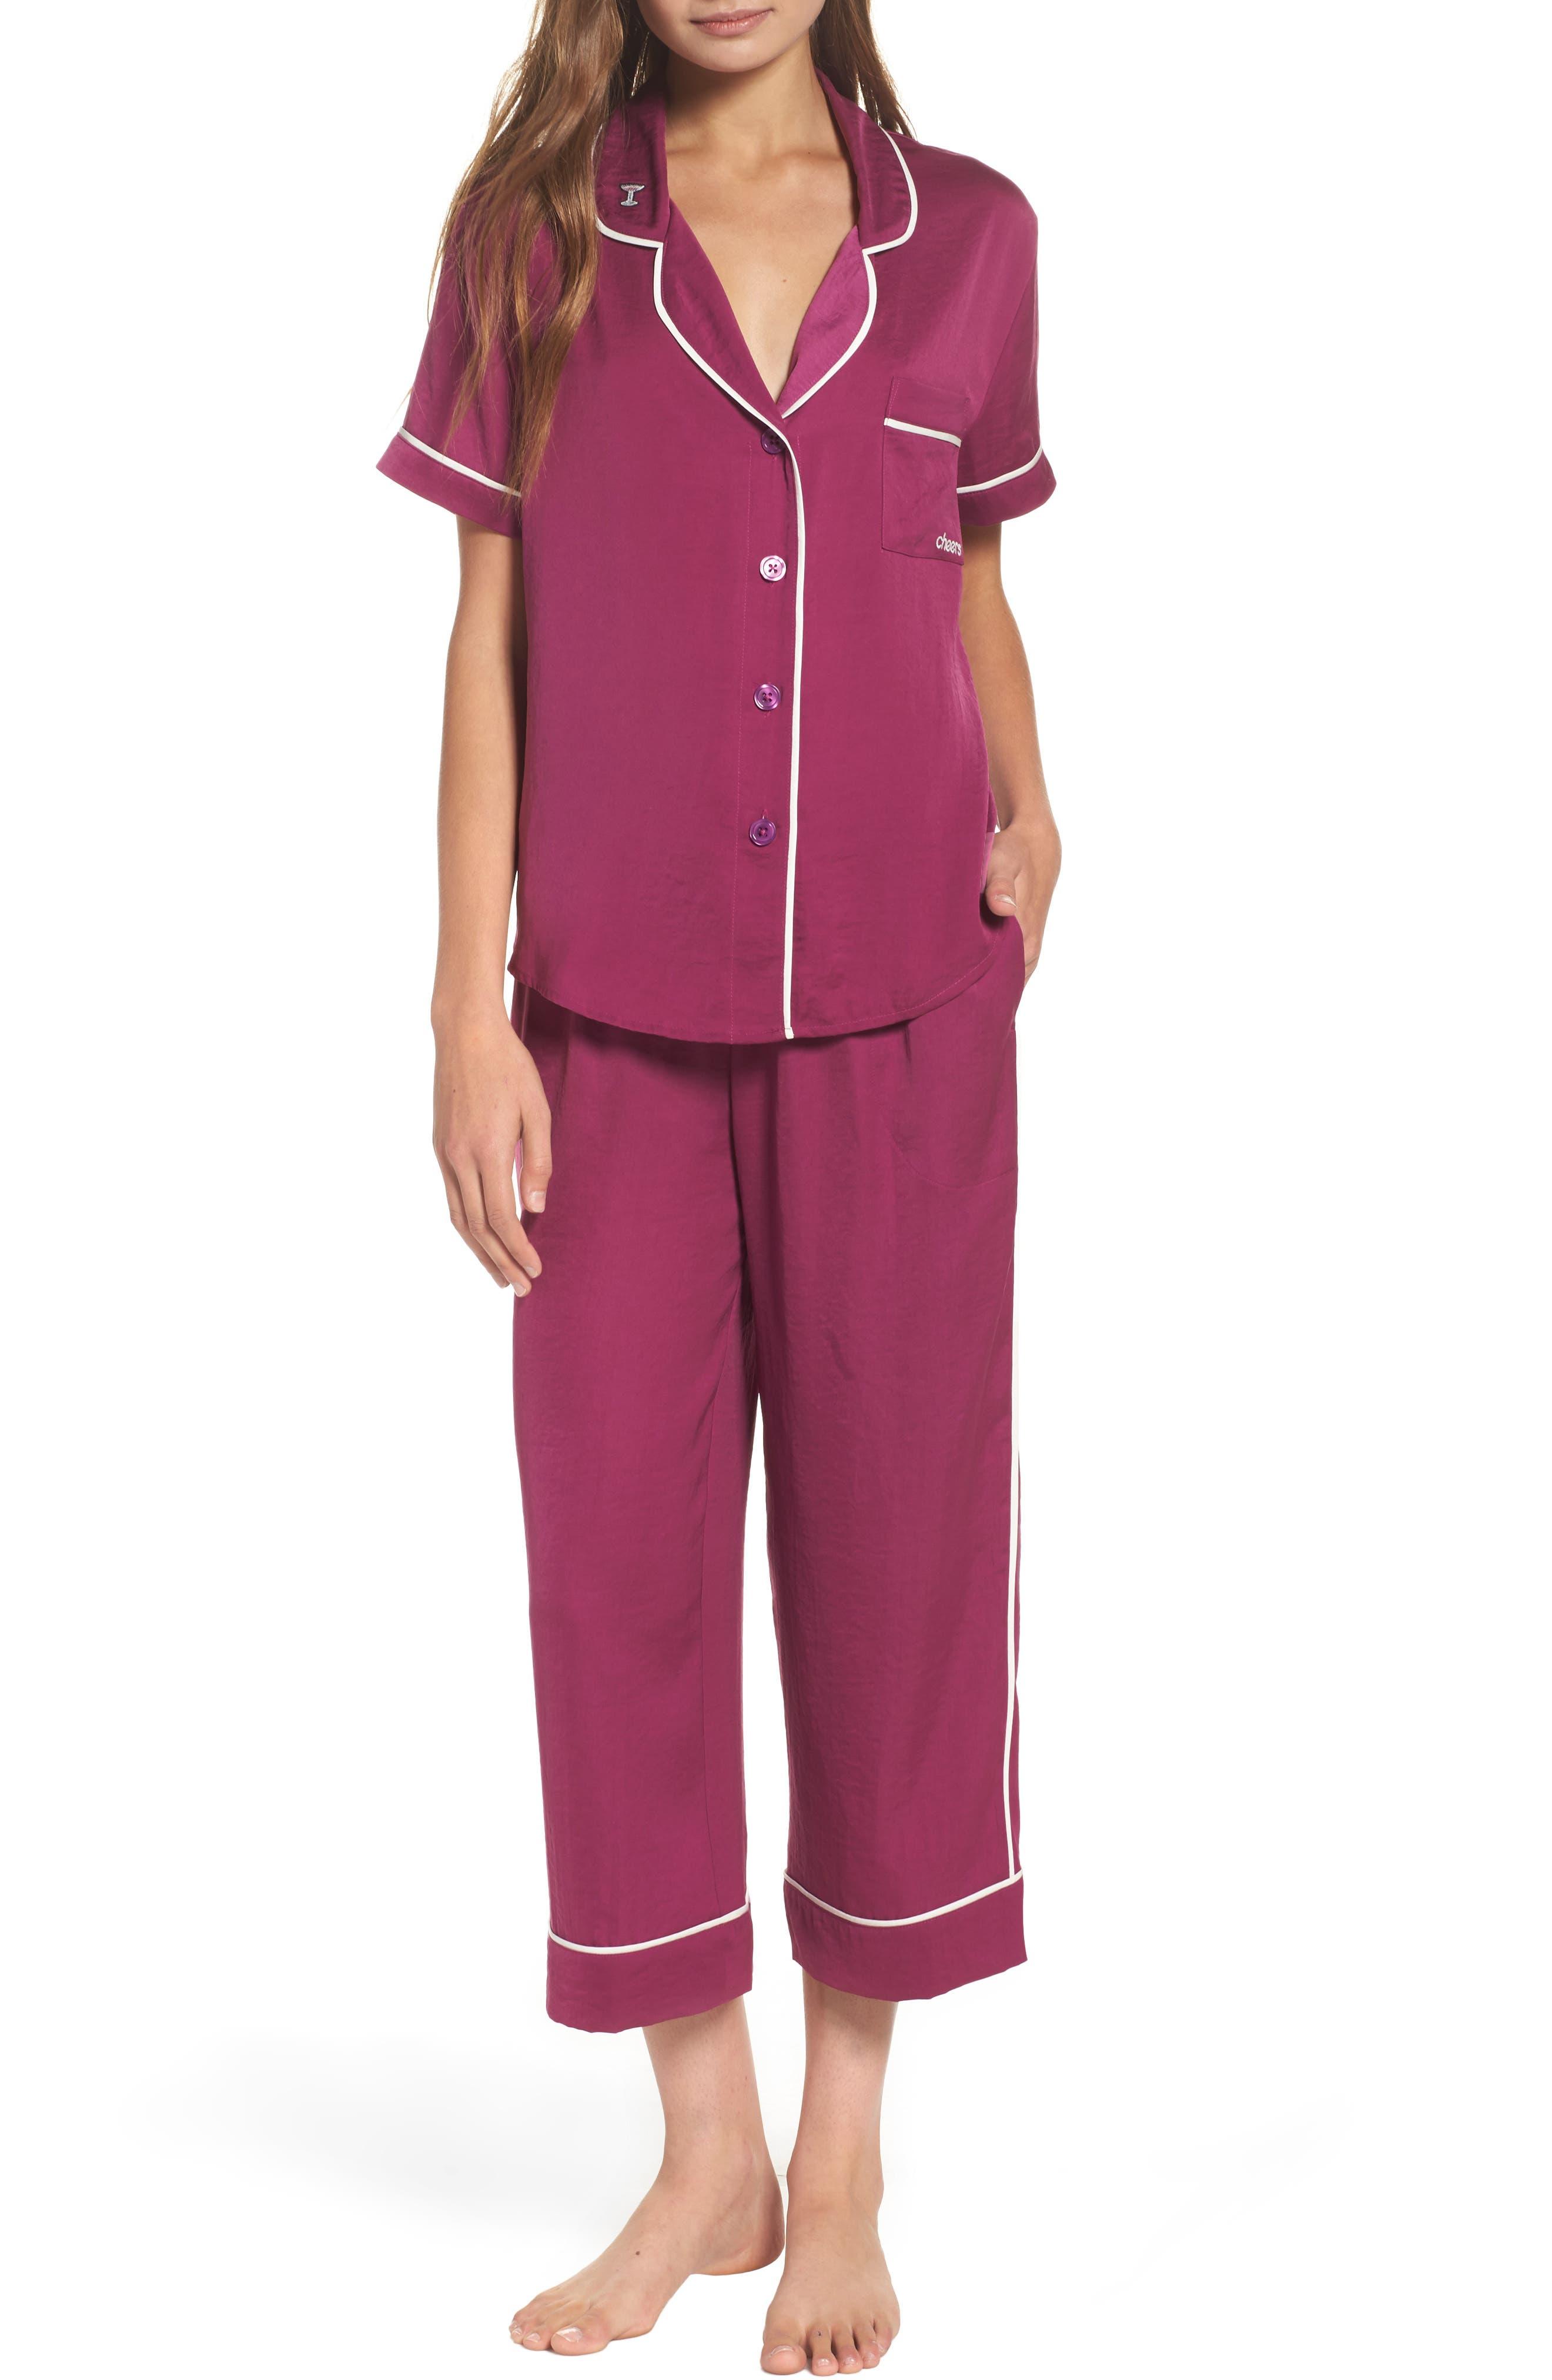 Room Service Satin Pajamas